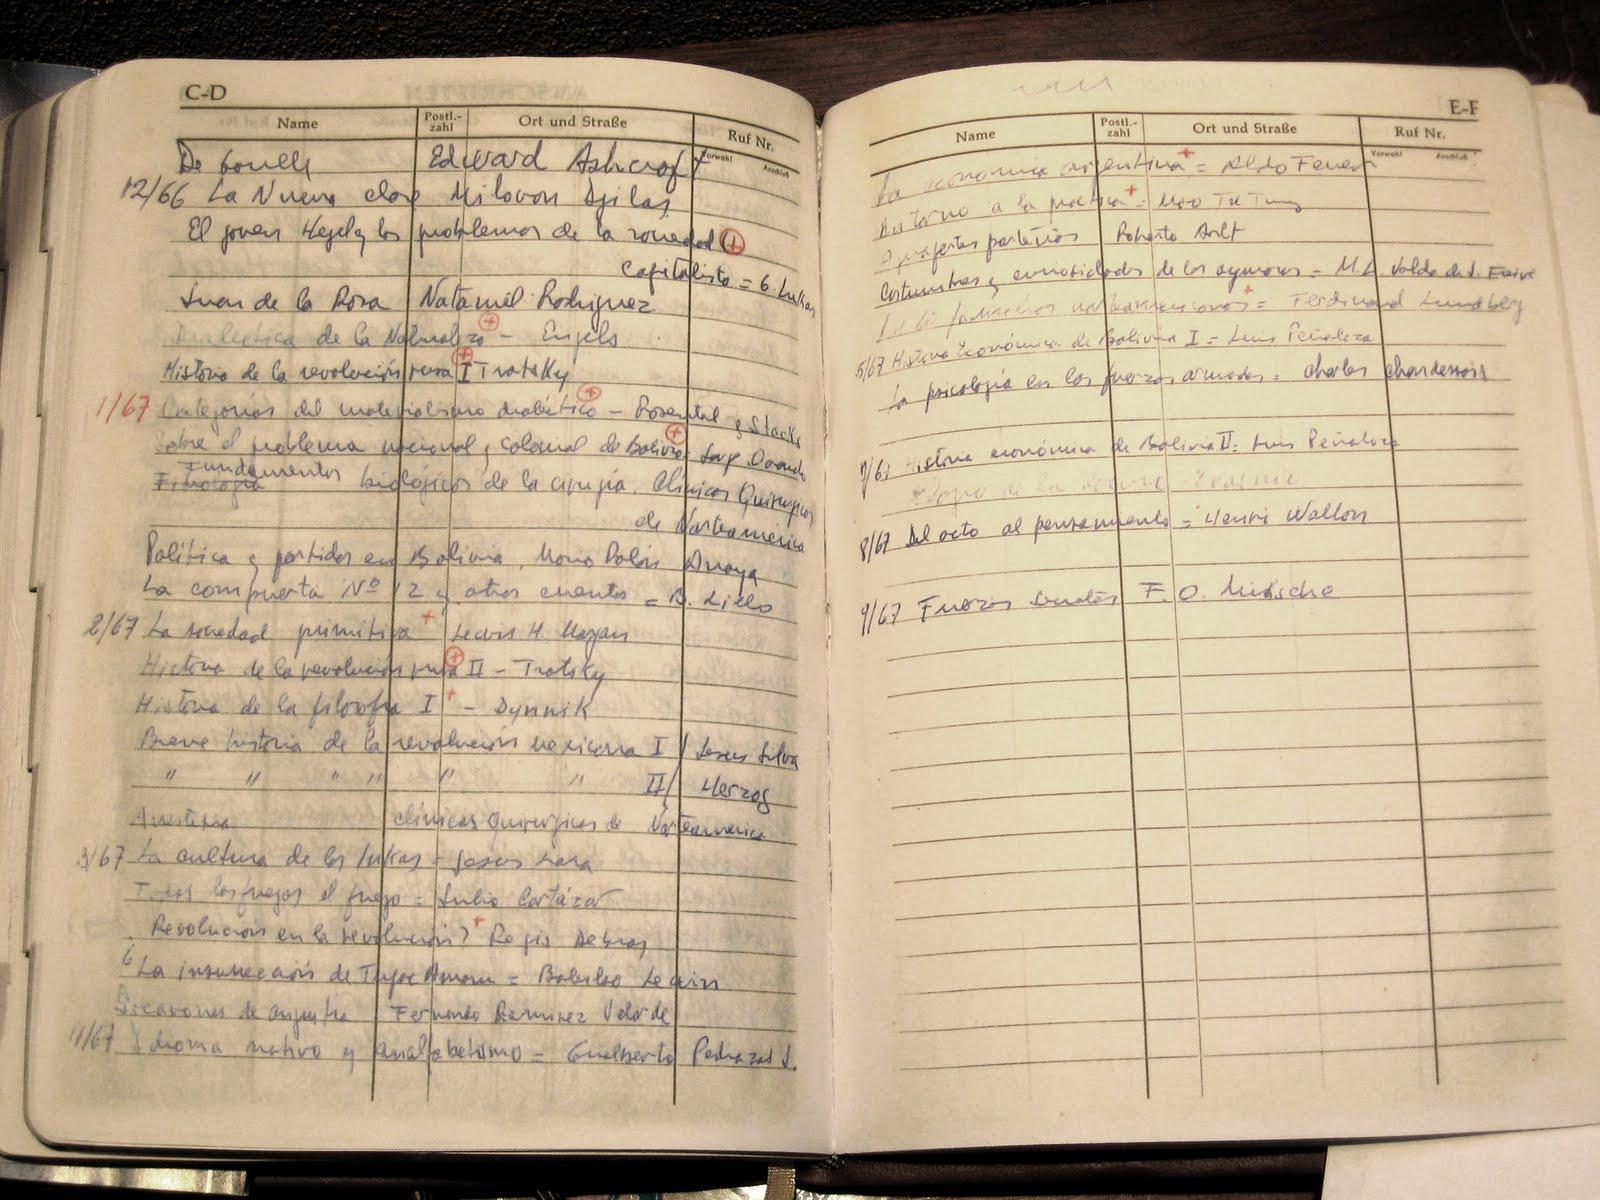 Manuscrito del Che Guevara, perteneciente a su diario, con su listado de lecturas